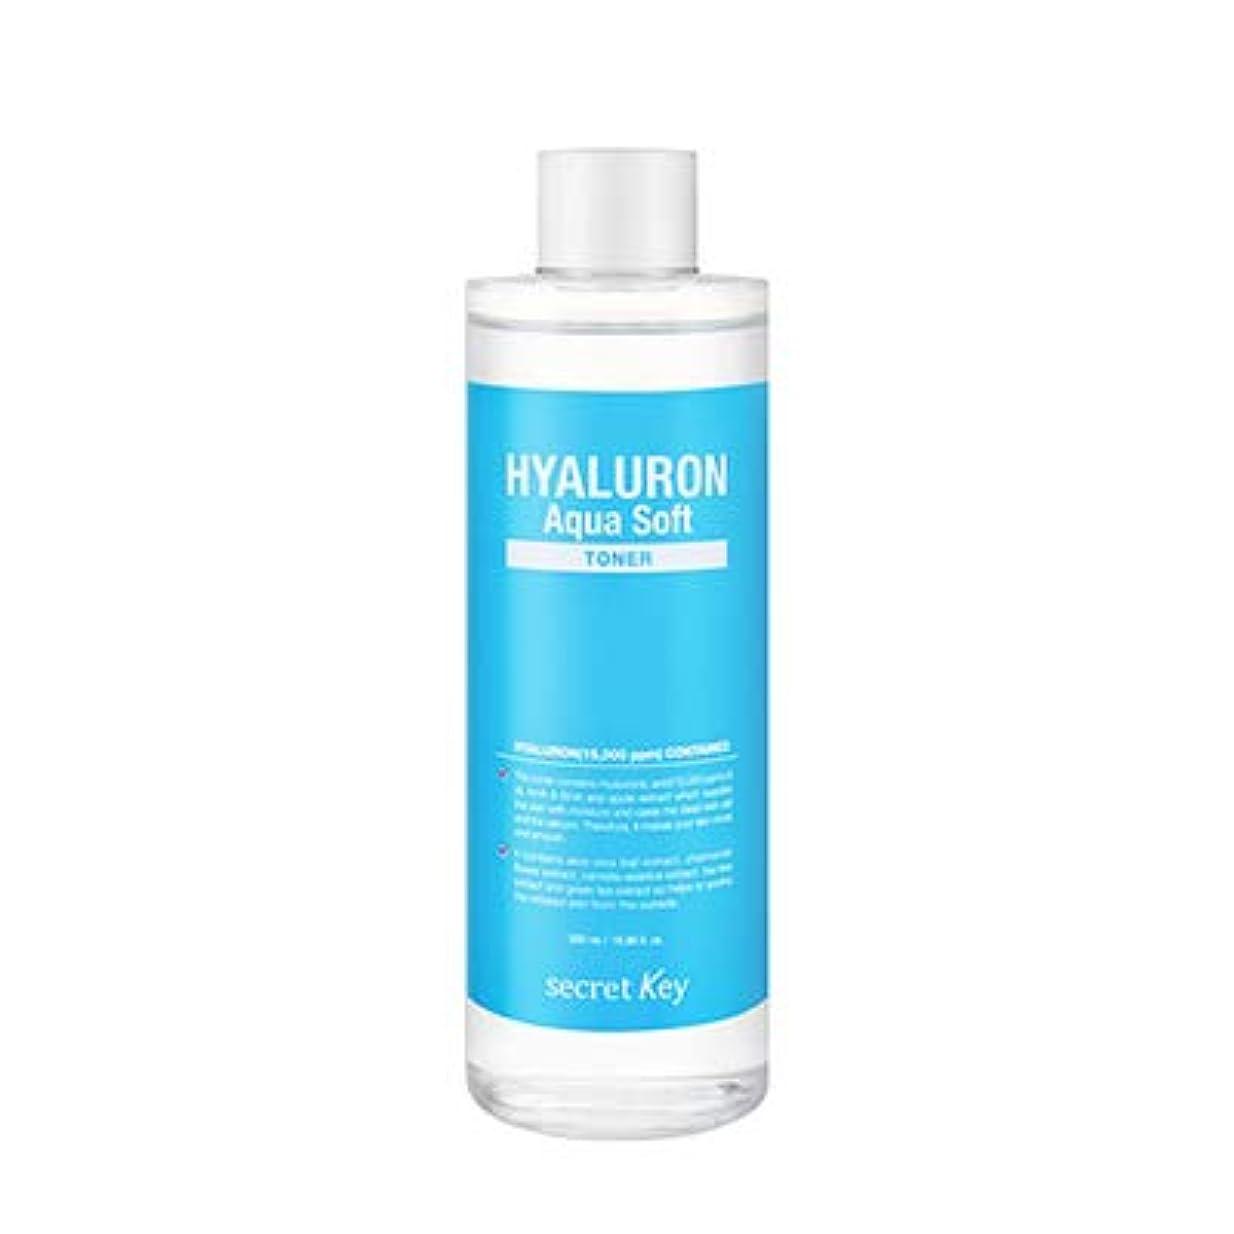 関連する長老十億シークレットキー[Secret Key] ヒアルロンアクアソフトトナー500ml / Hyaluron Aqua Soft Toner